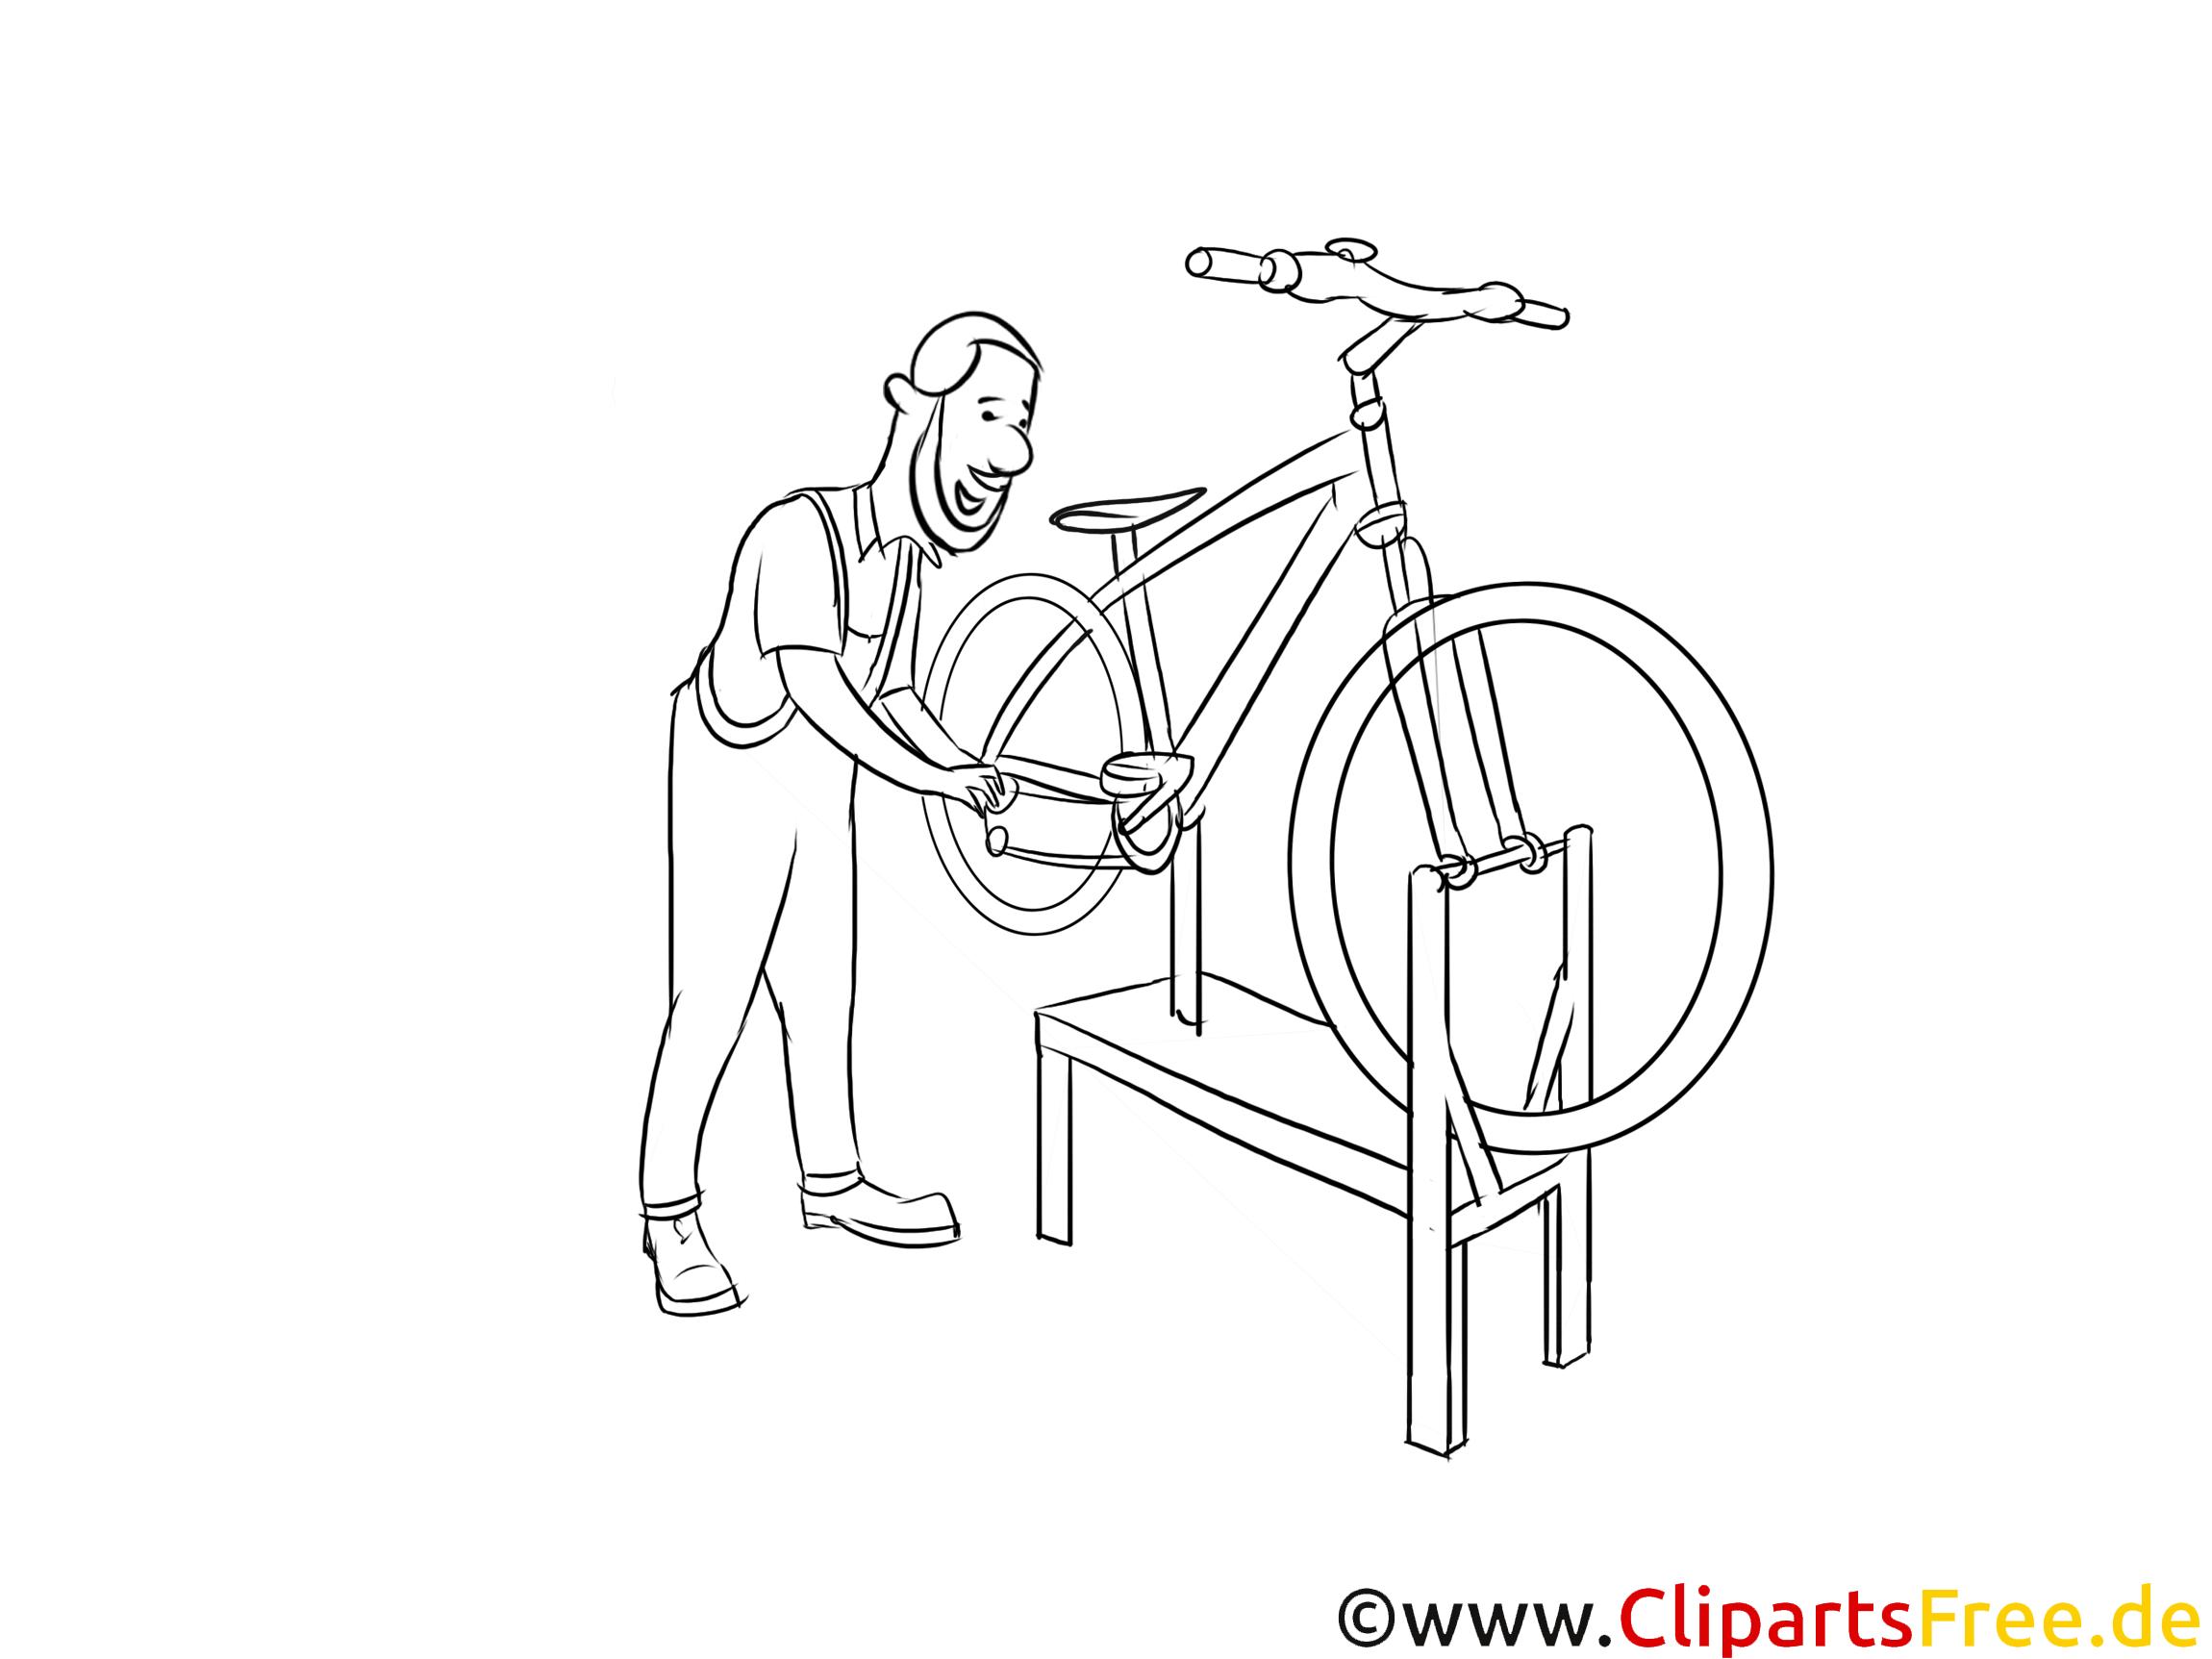 Zweiradmechaniker Clipart Schwarzweiß kostenlos